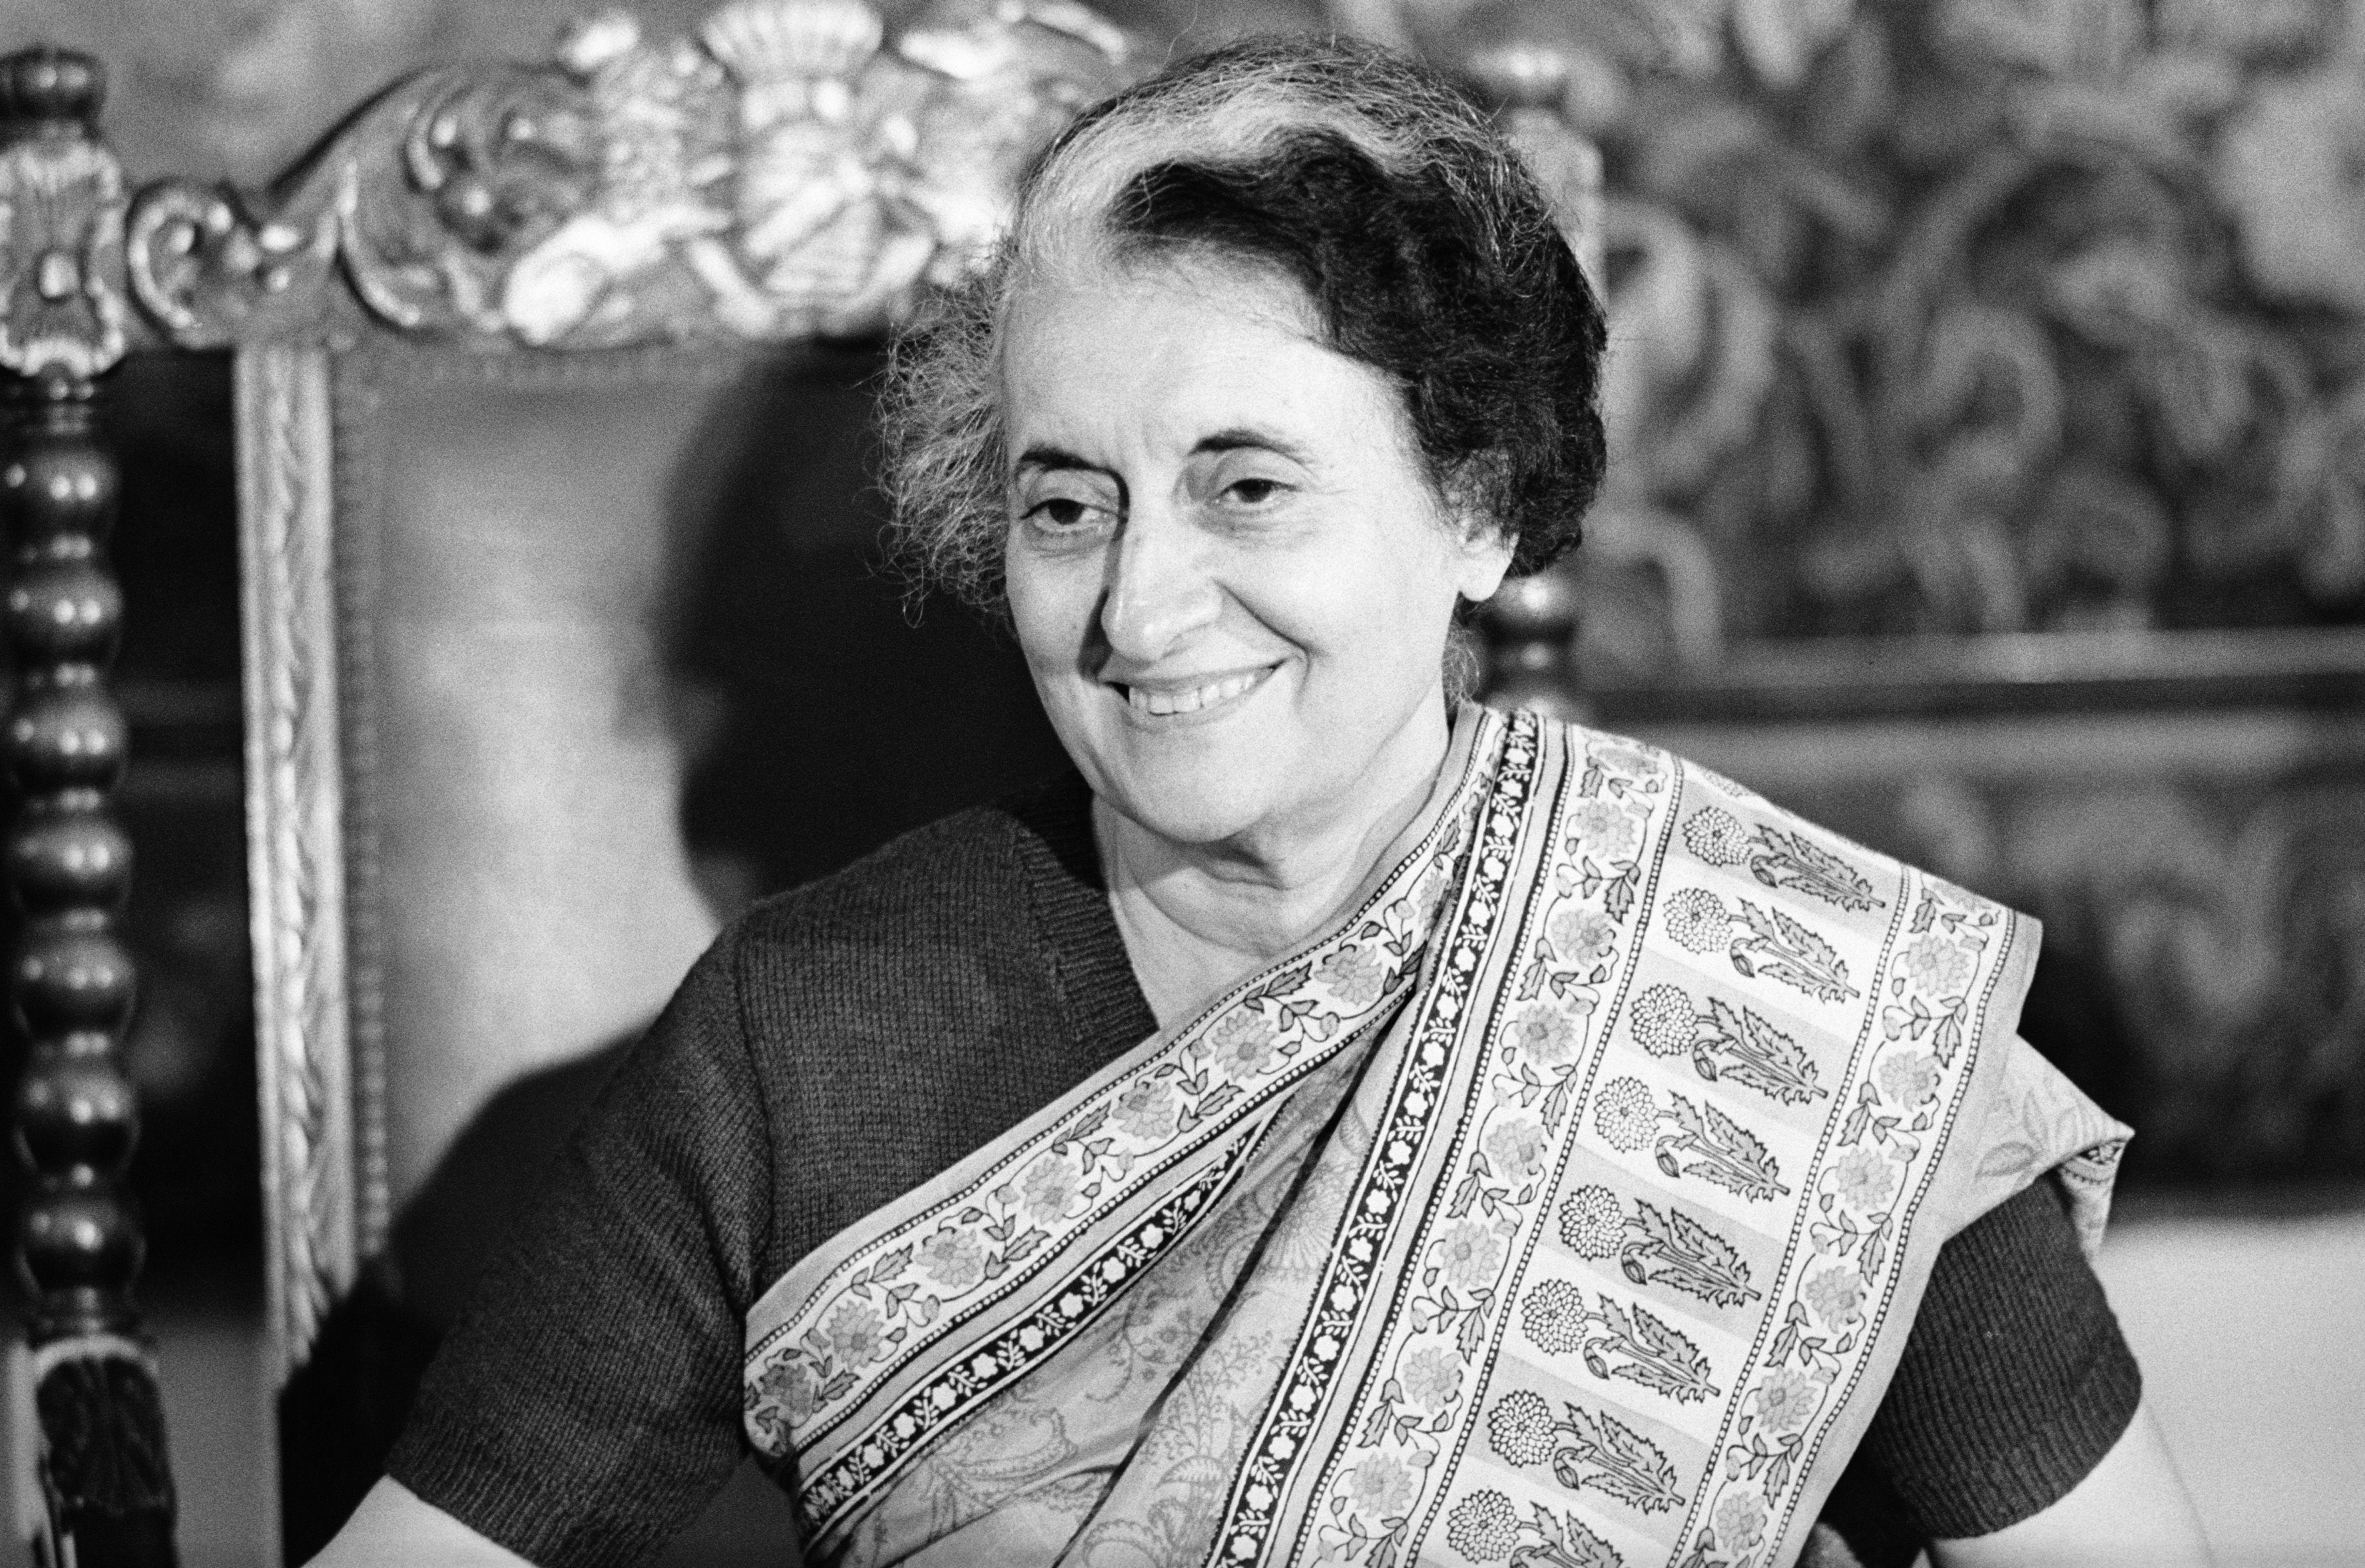 Indira Gandhi, Prime Minister of India, visiting Austria. Hotel Imperial in Vienna. (1983)